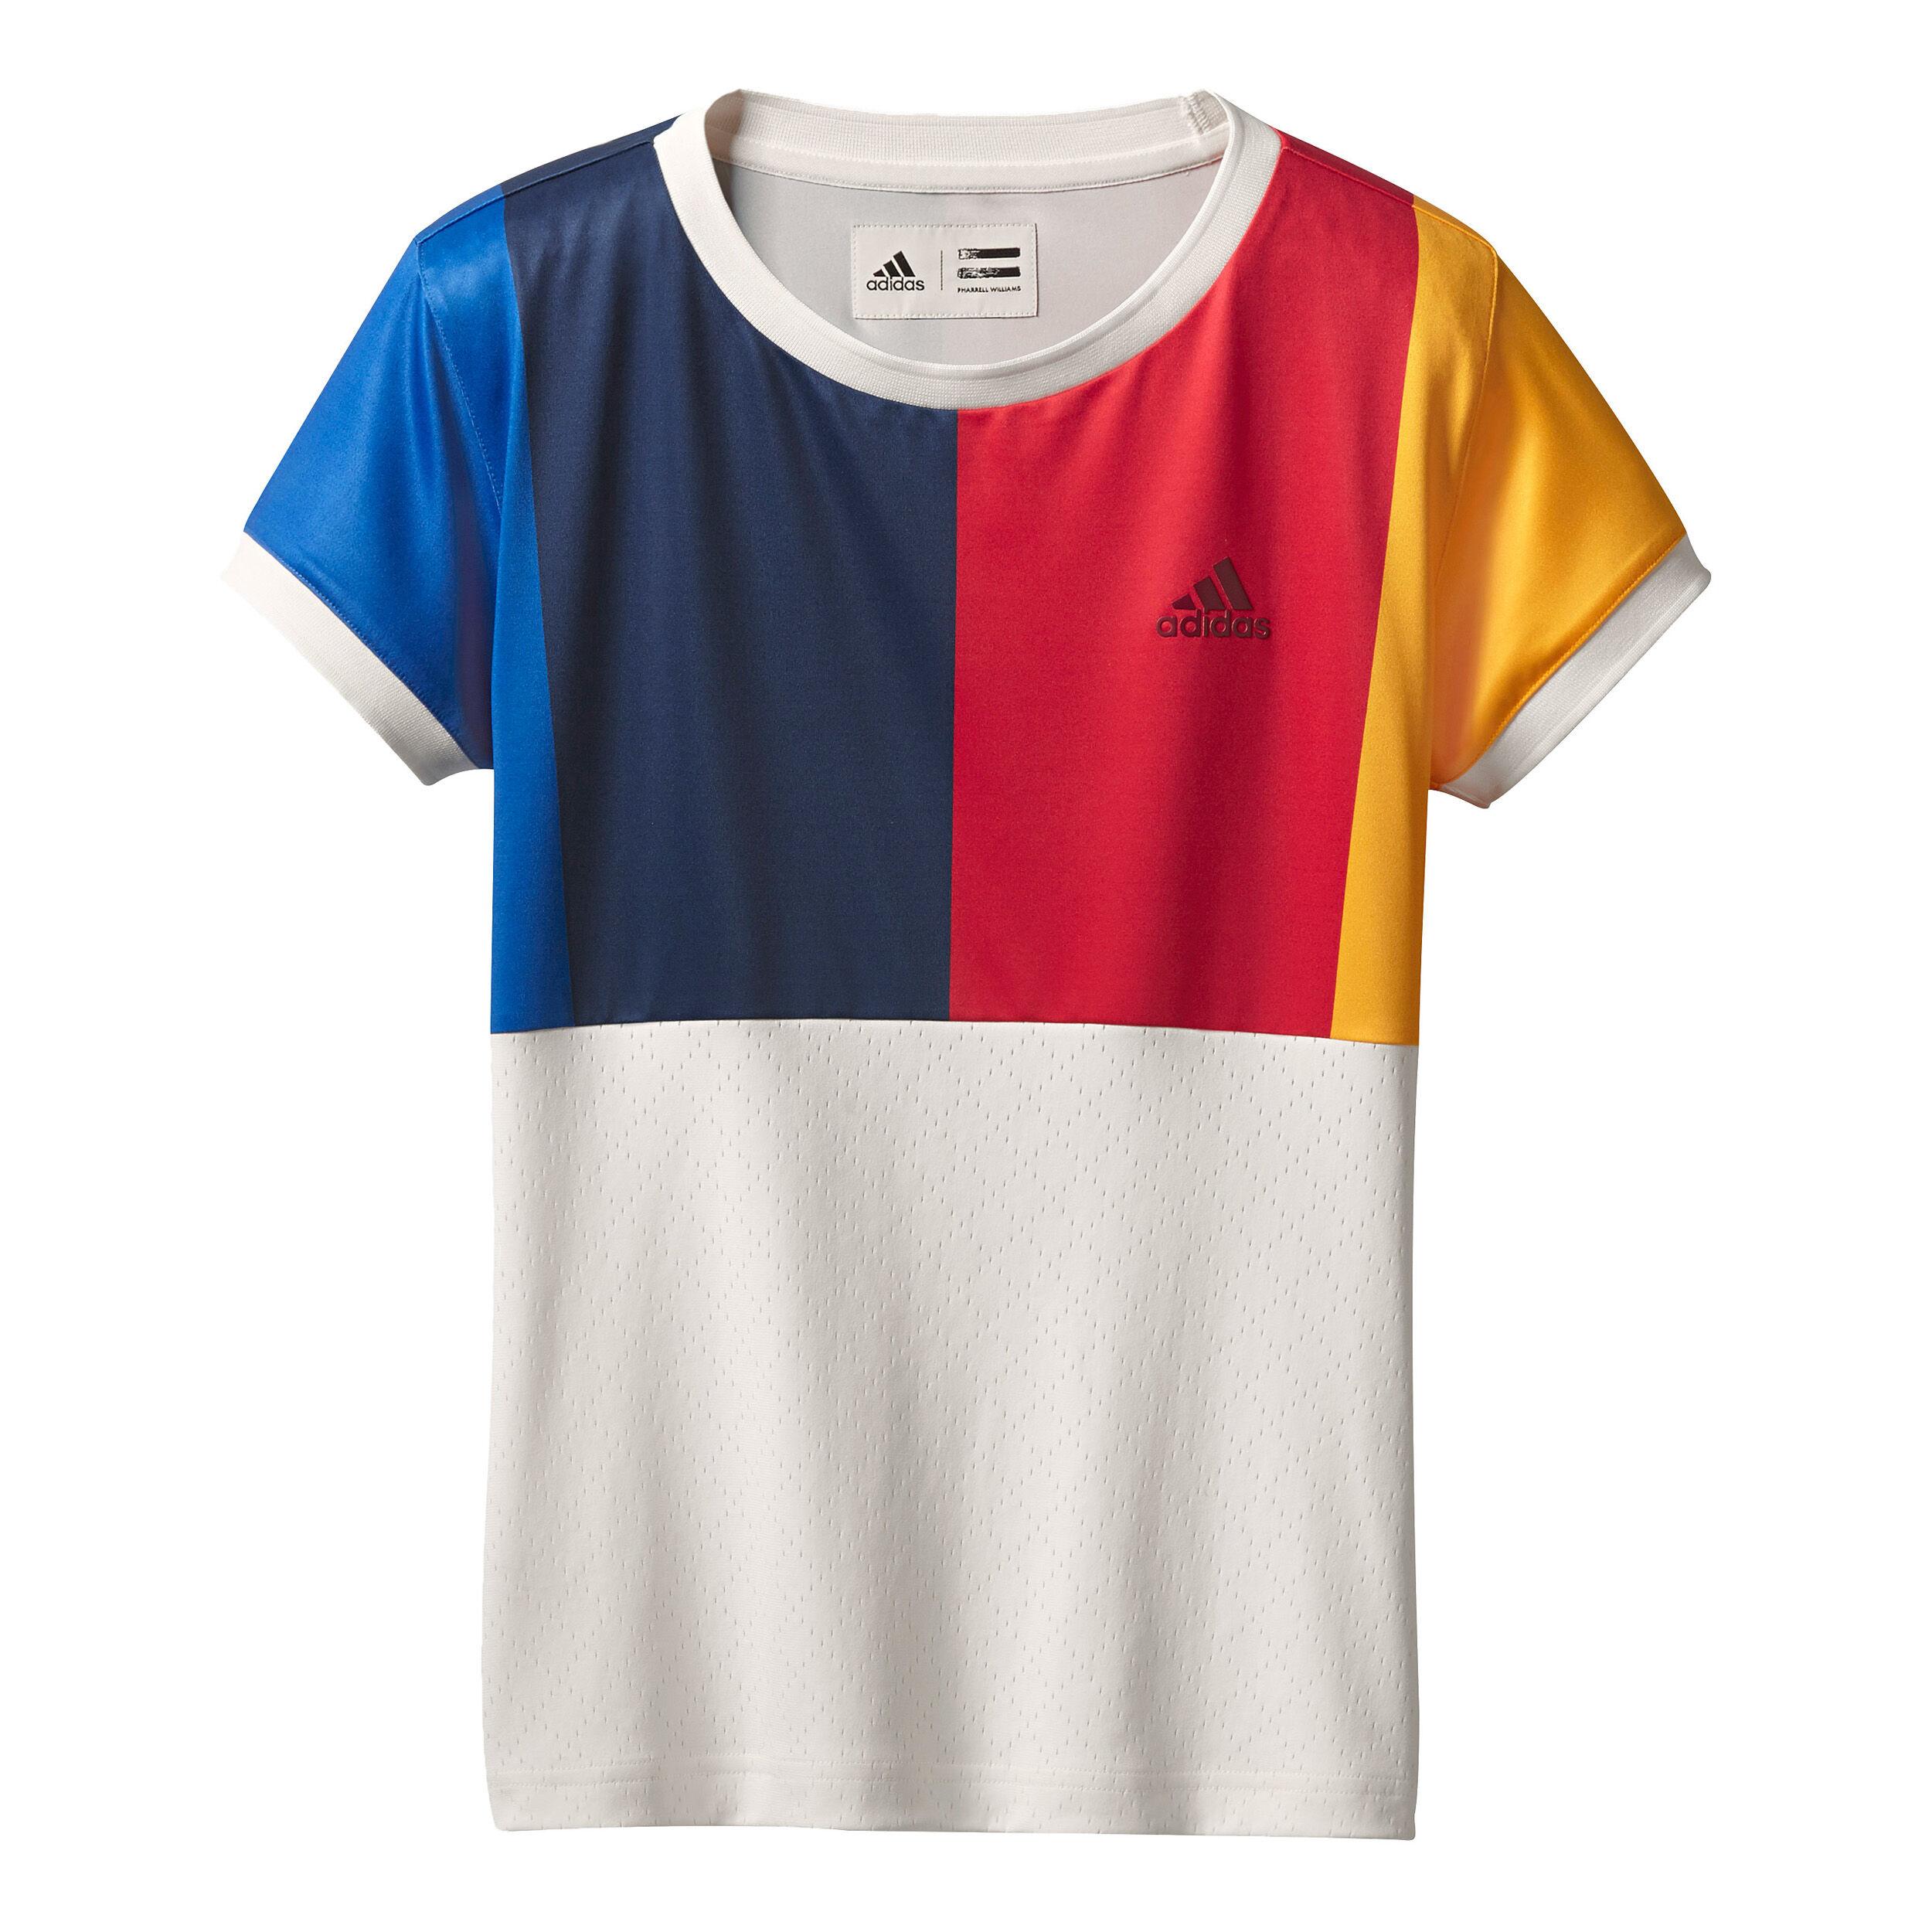 adidas New York T Shirt Damen Creme, Blau online kaufen